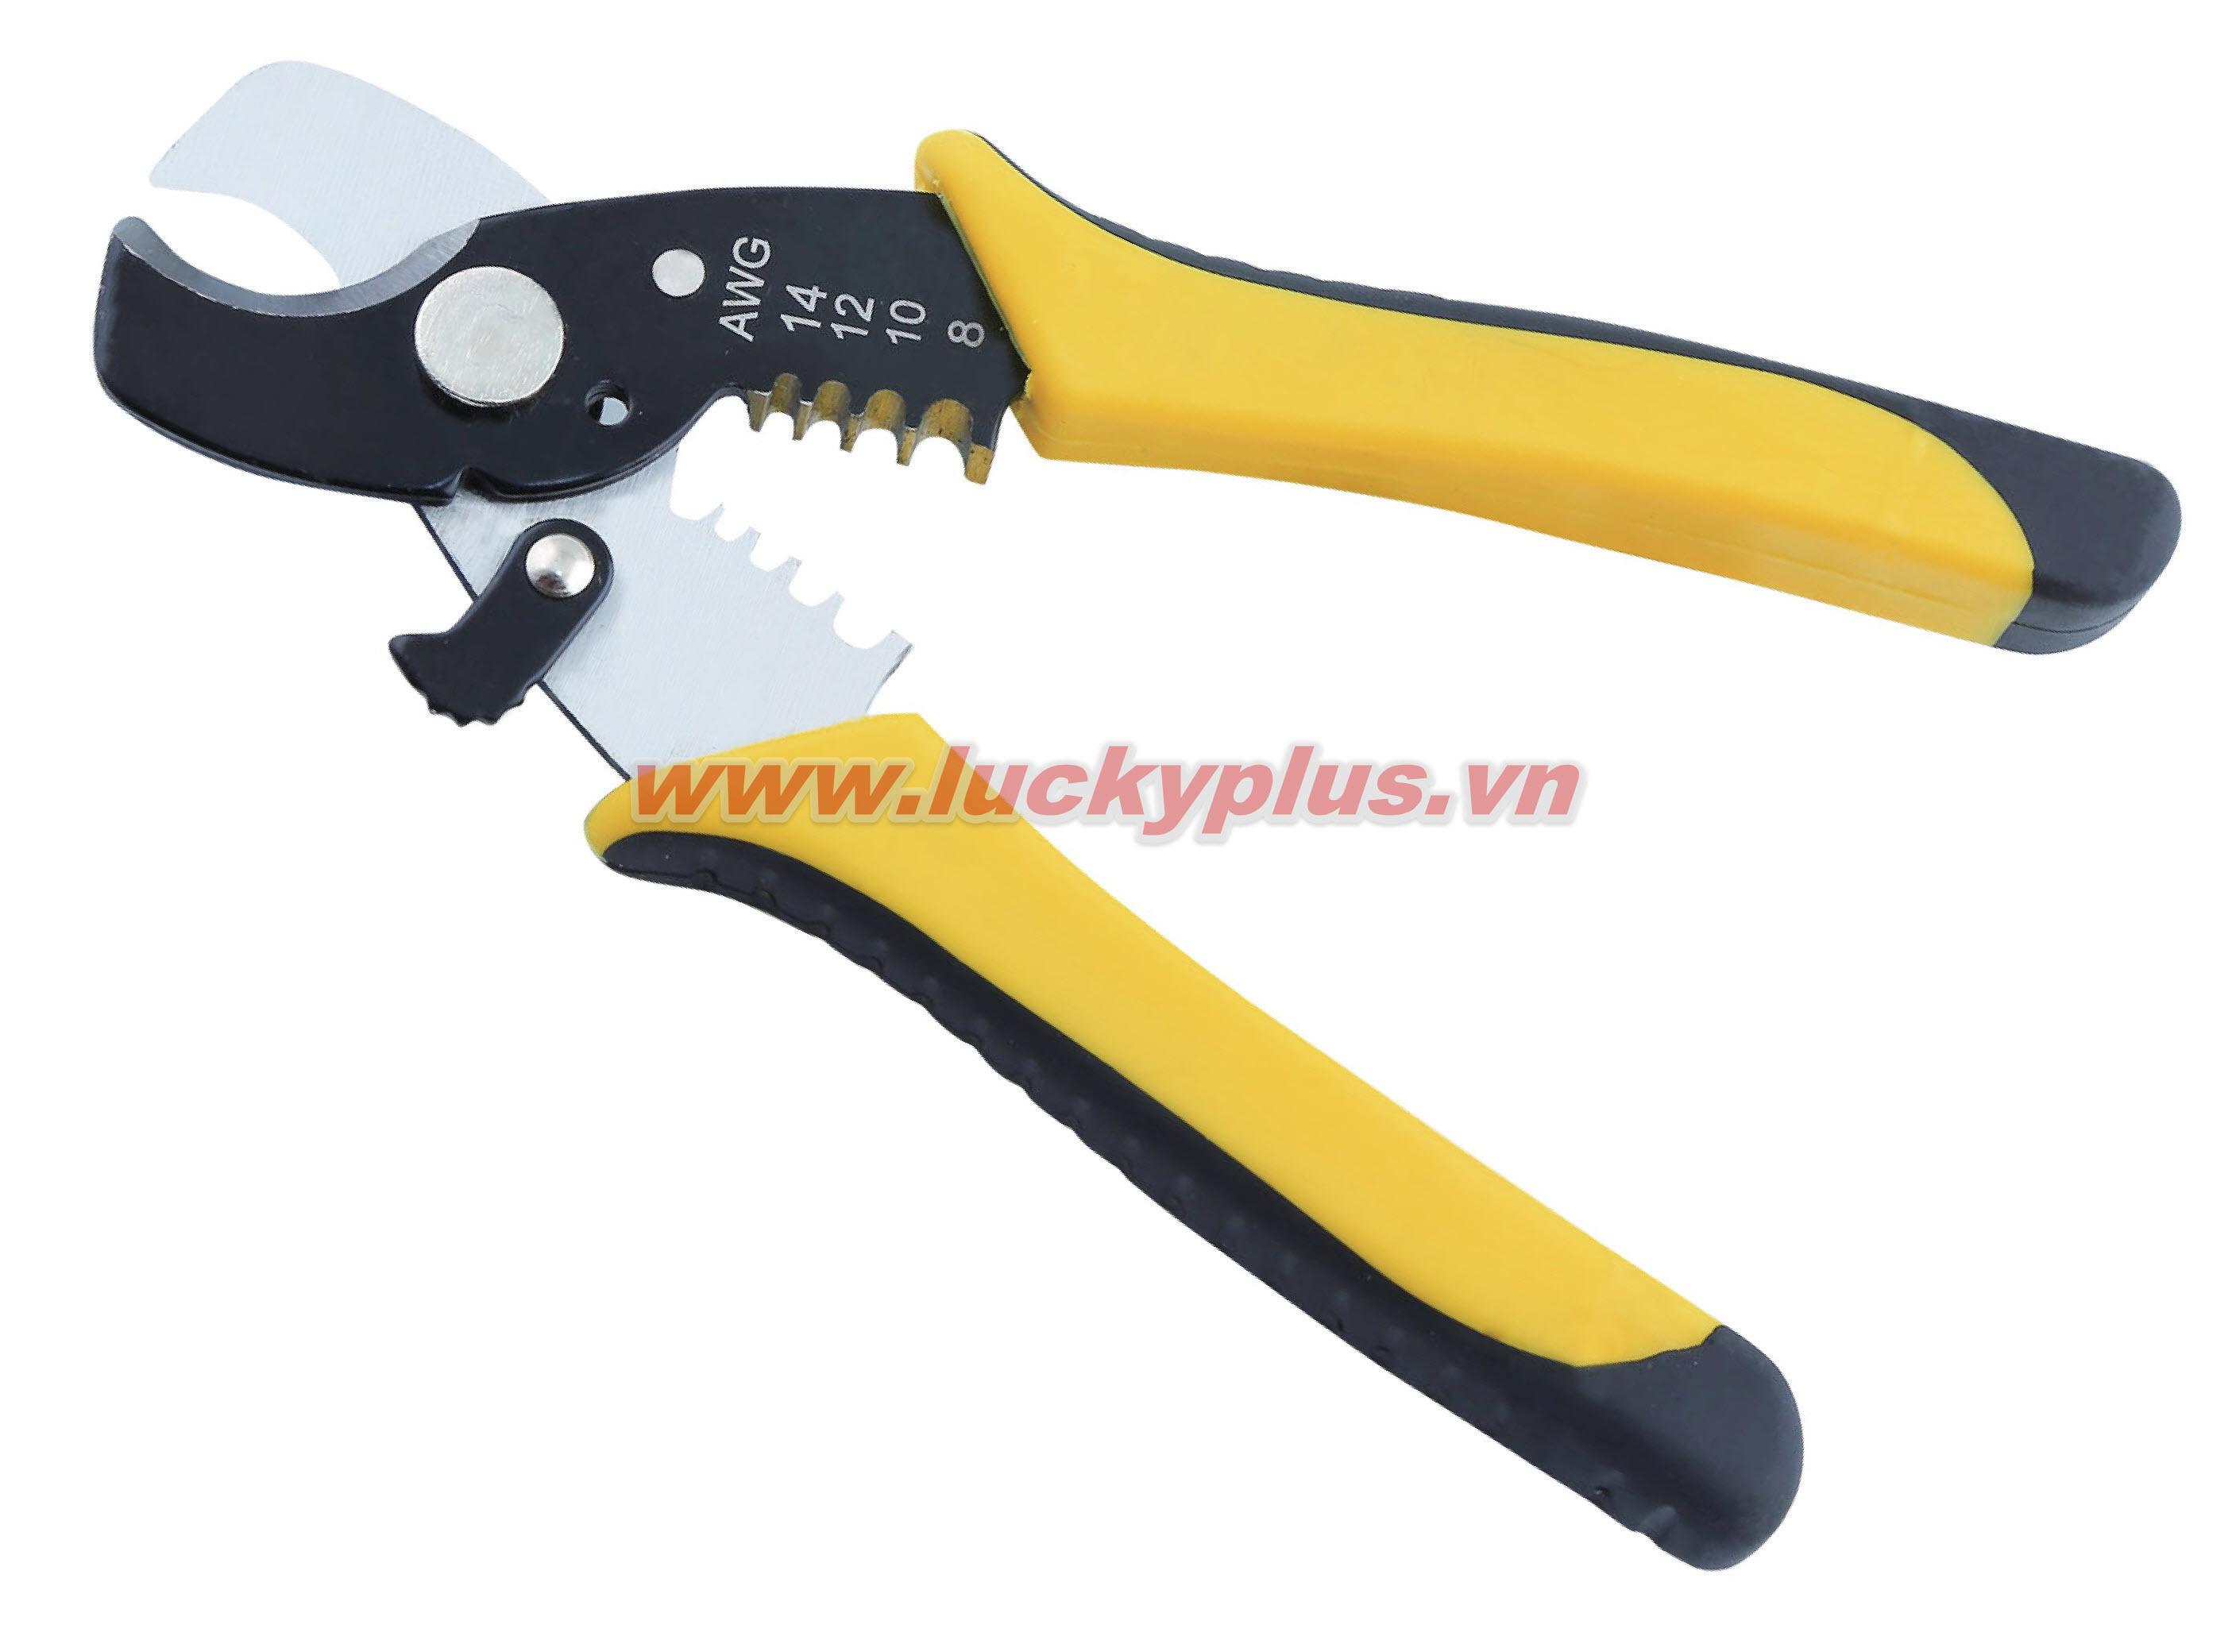 Kéo cắt cáp điện FiveSheep FS-1003 8''/200mm